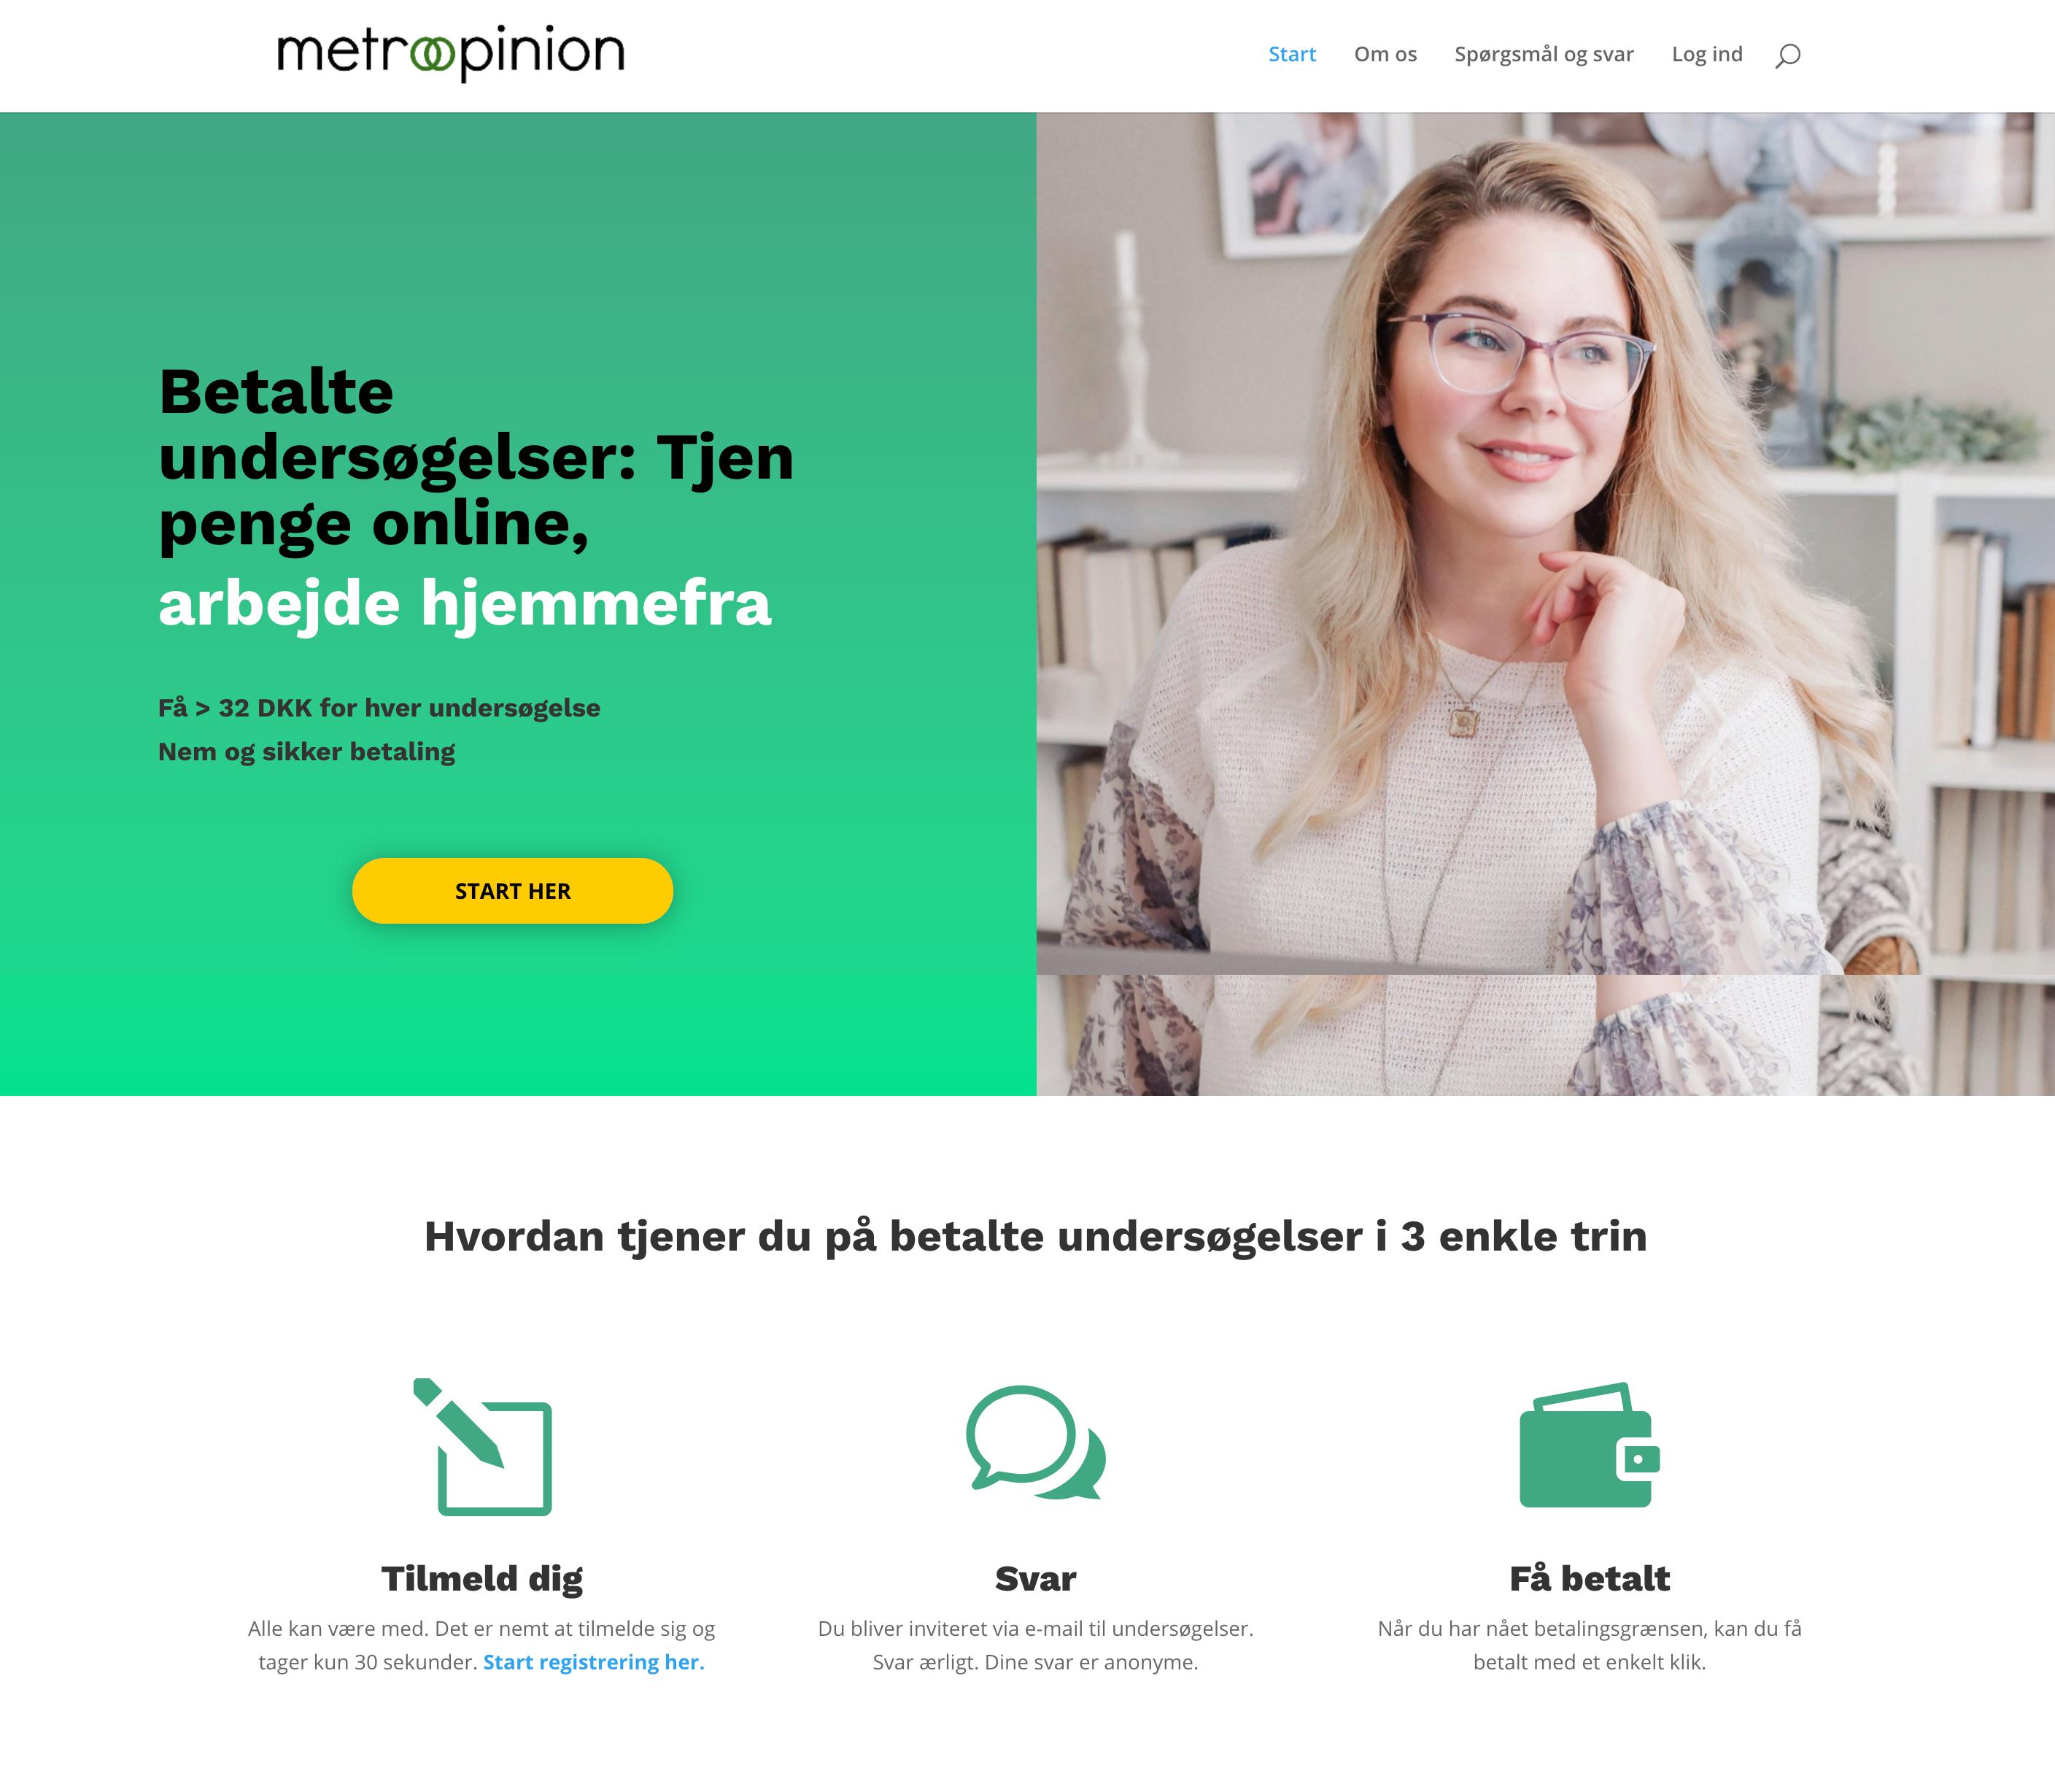 Ny visuel identitet til Metroopinion – site for betalte undersøgelser online